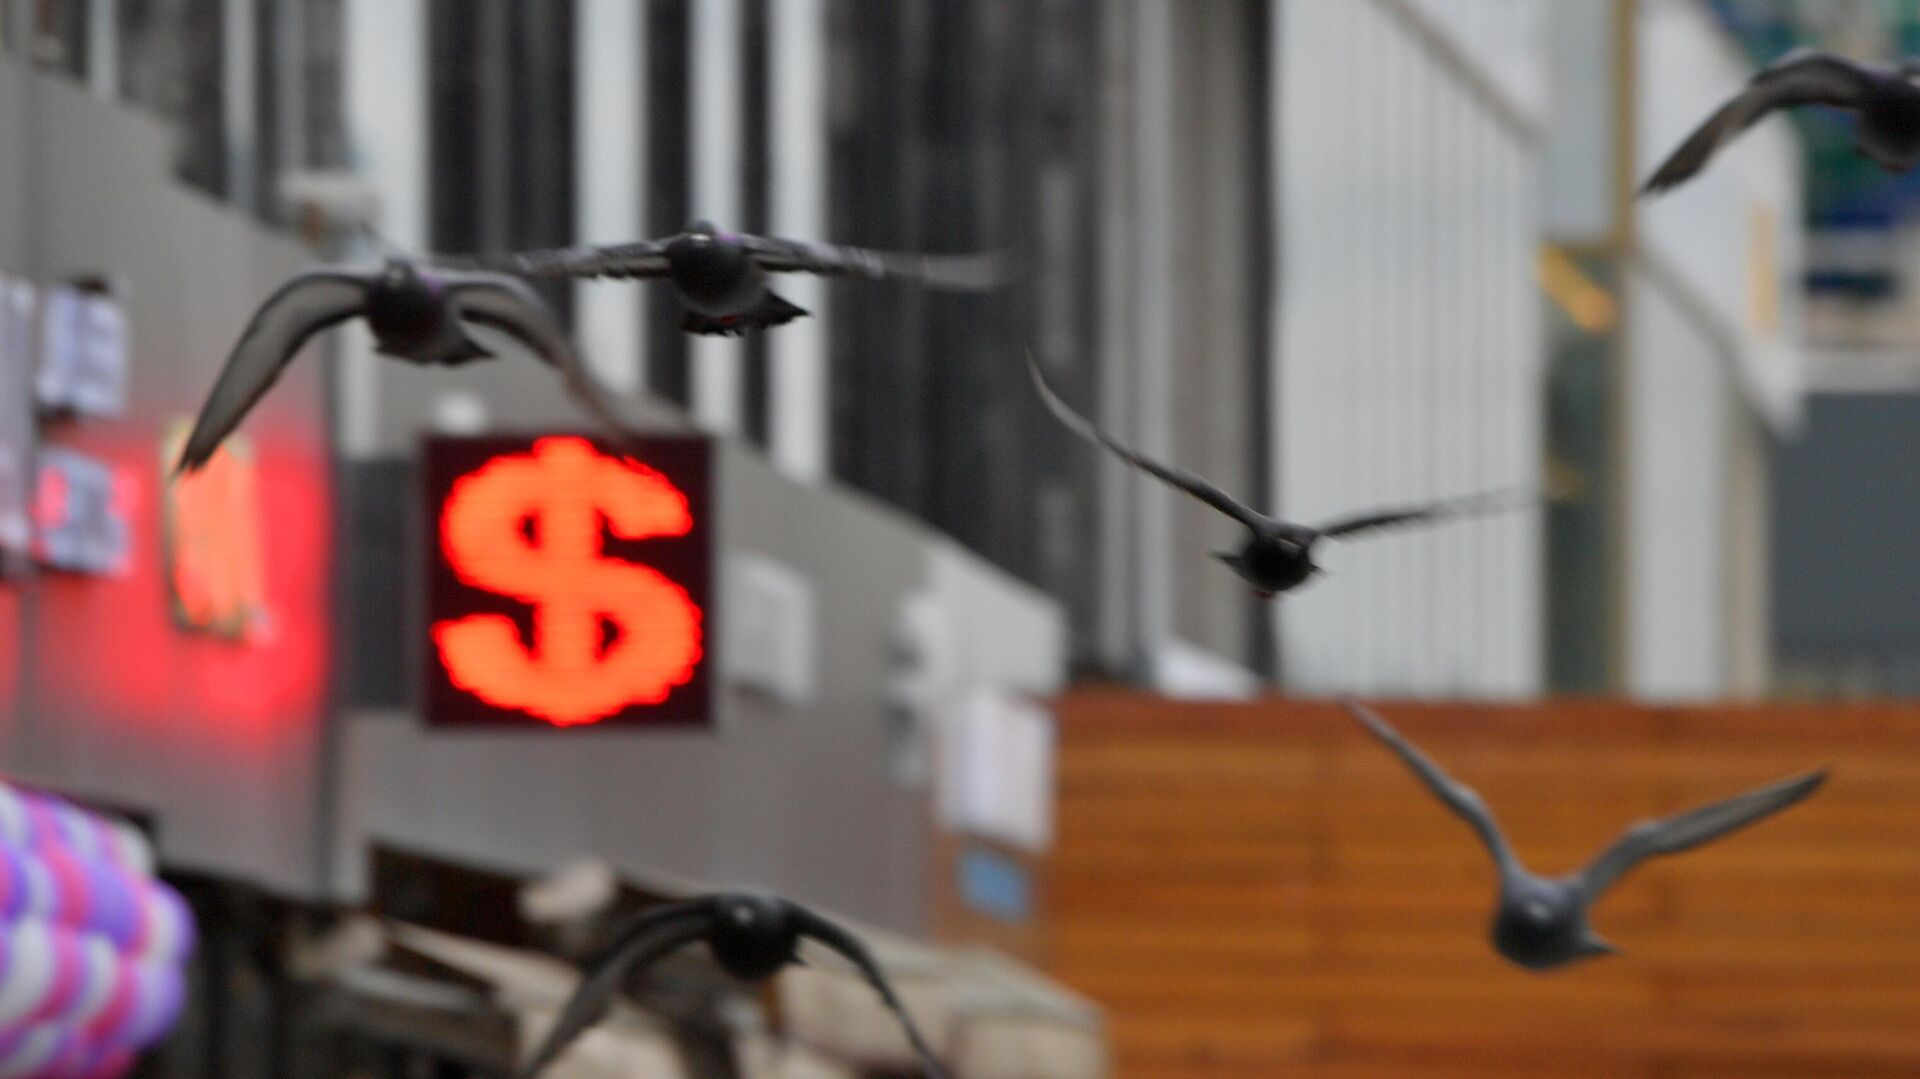 Электронное табло с символикой доллара в Москве - РИА Новости, 1920, 01.05.2021